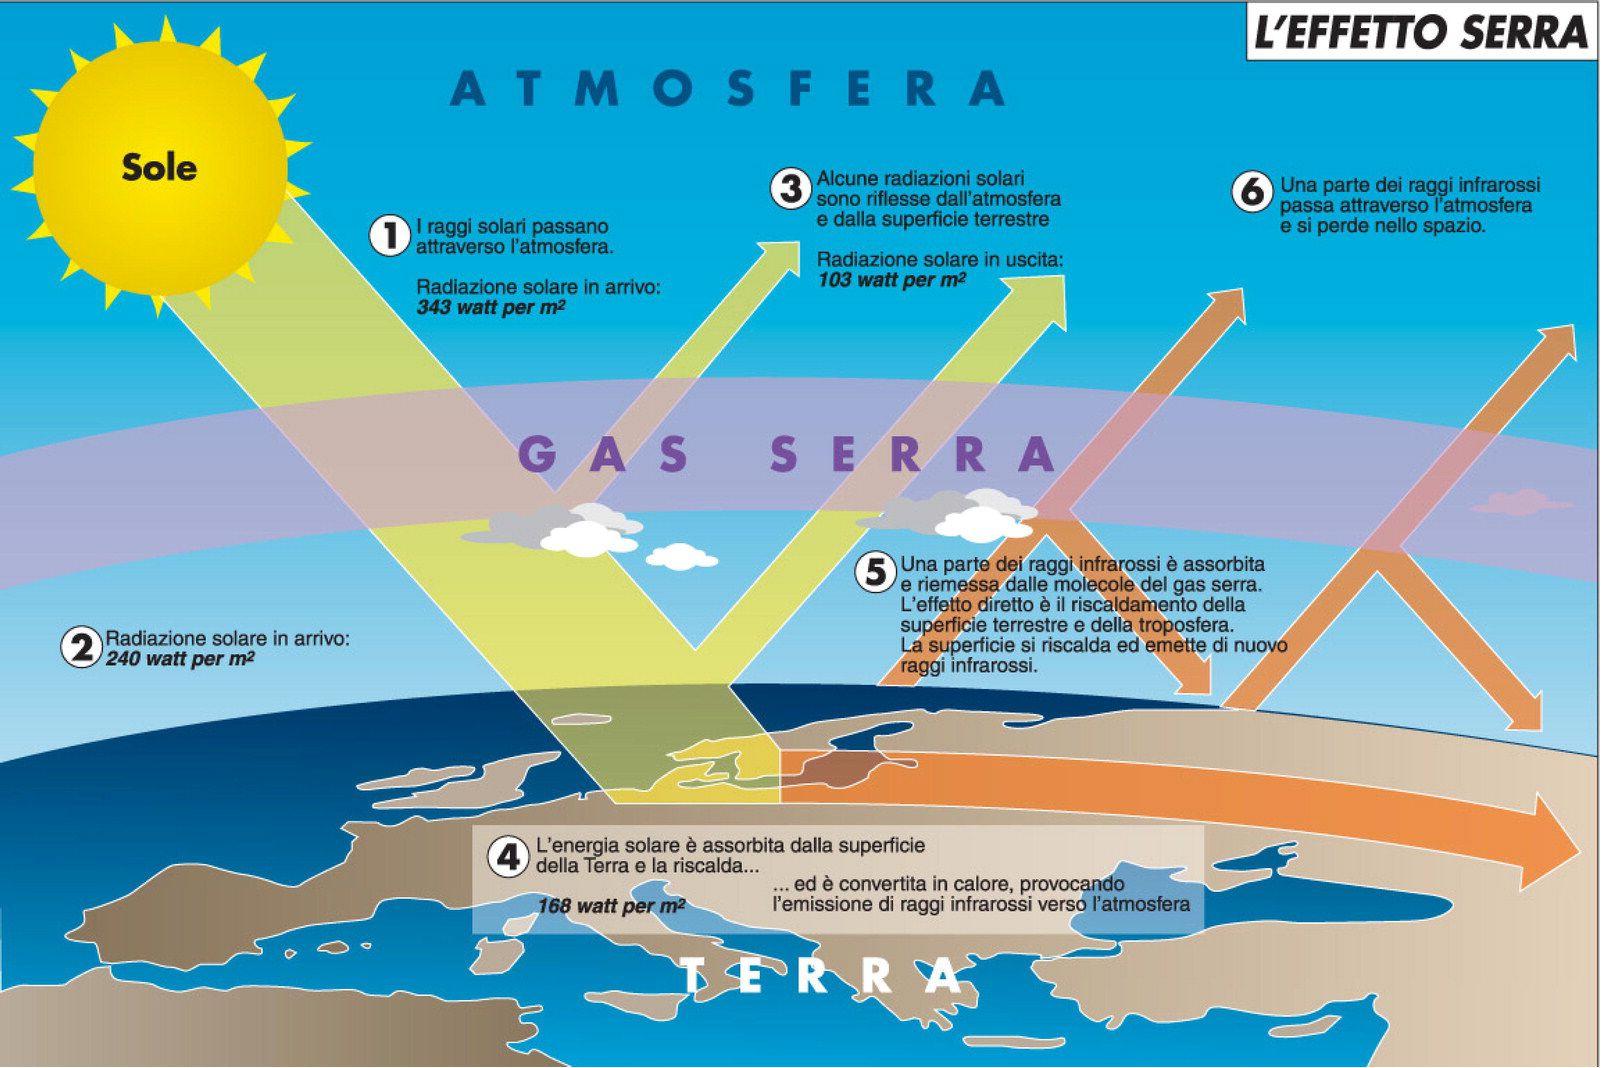 http://limes.ita.chmst05.newsmemory.com/newsmemvol1/italy/limes/20060702/2006_quadernispeciali_qs_5914.pdf.0/parts/adv_0.jpg